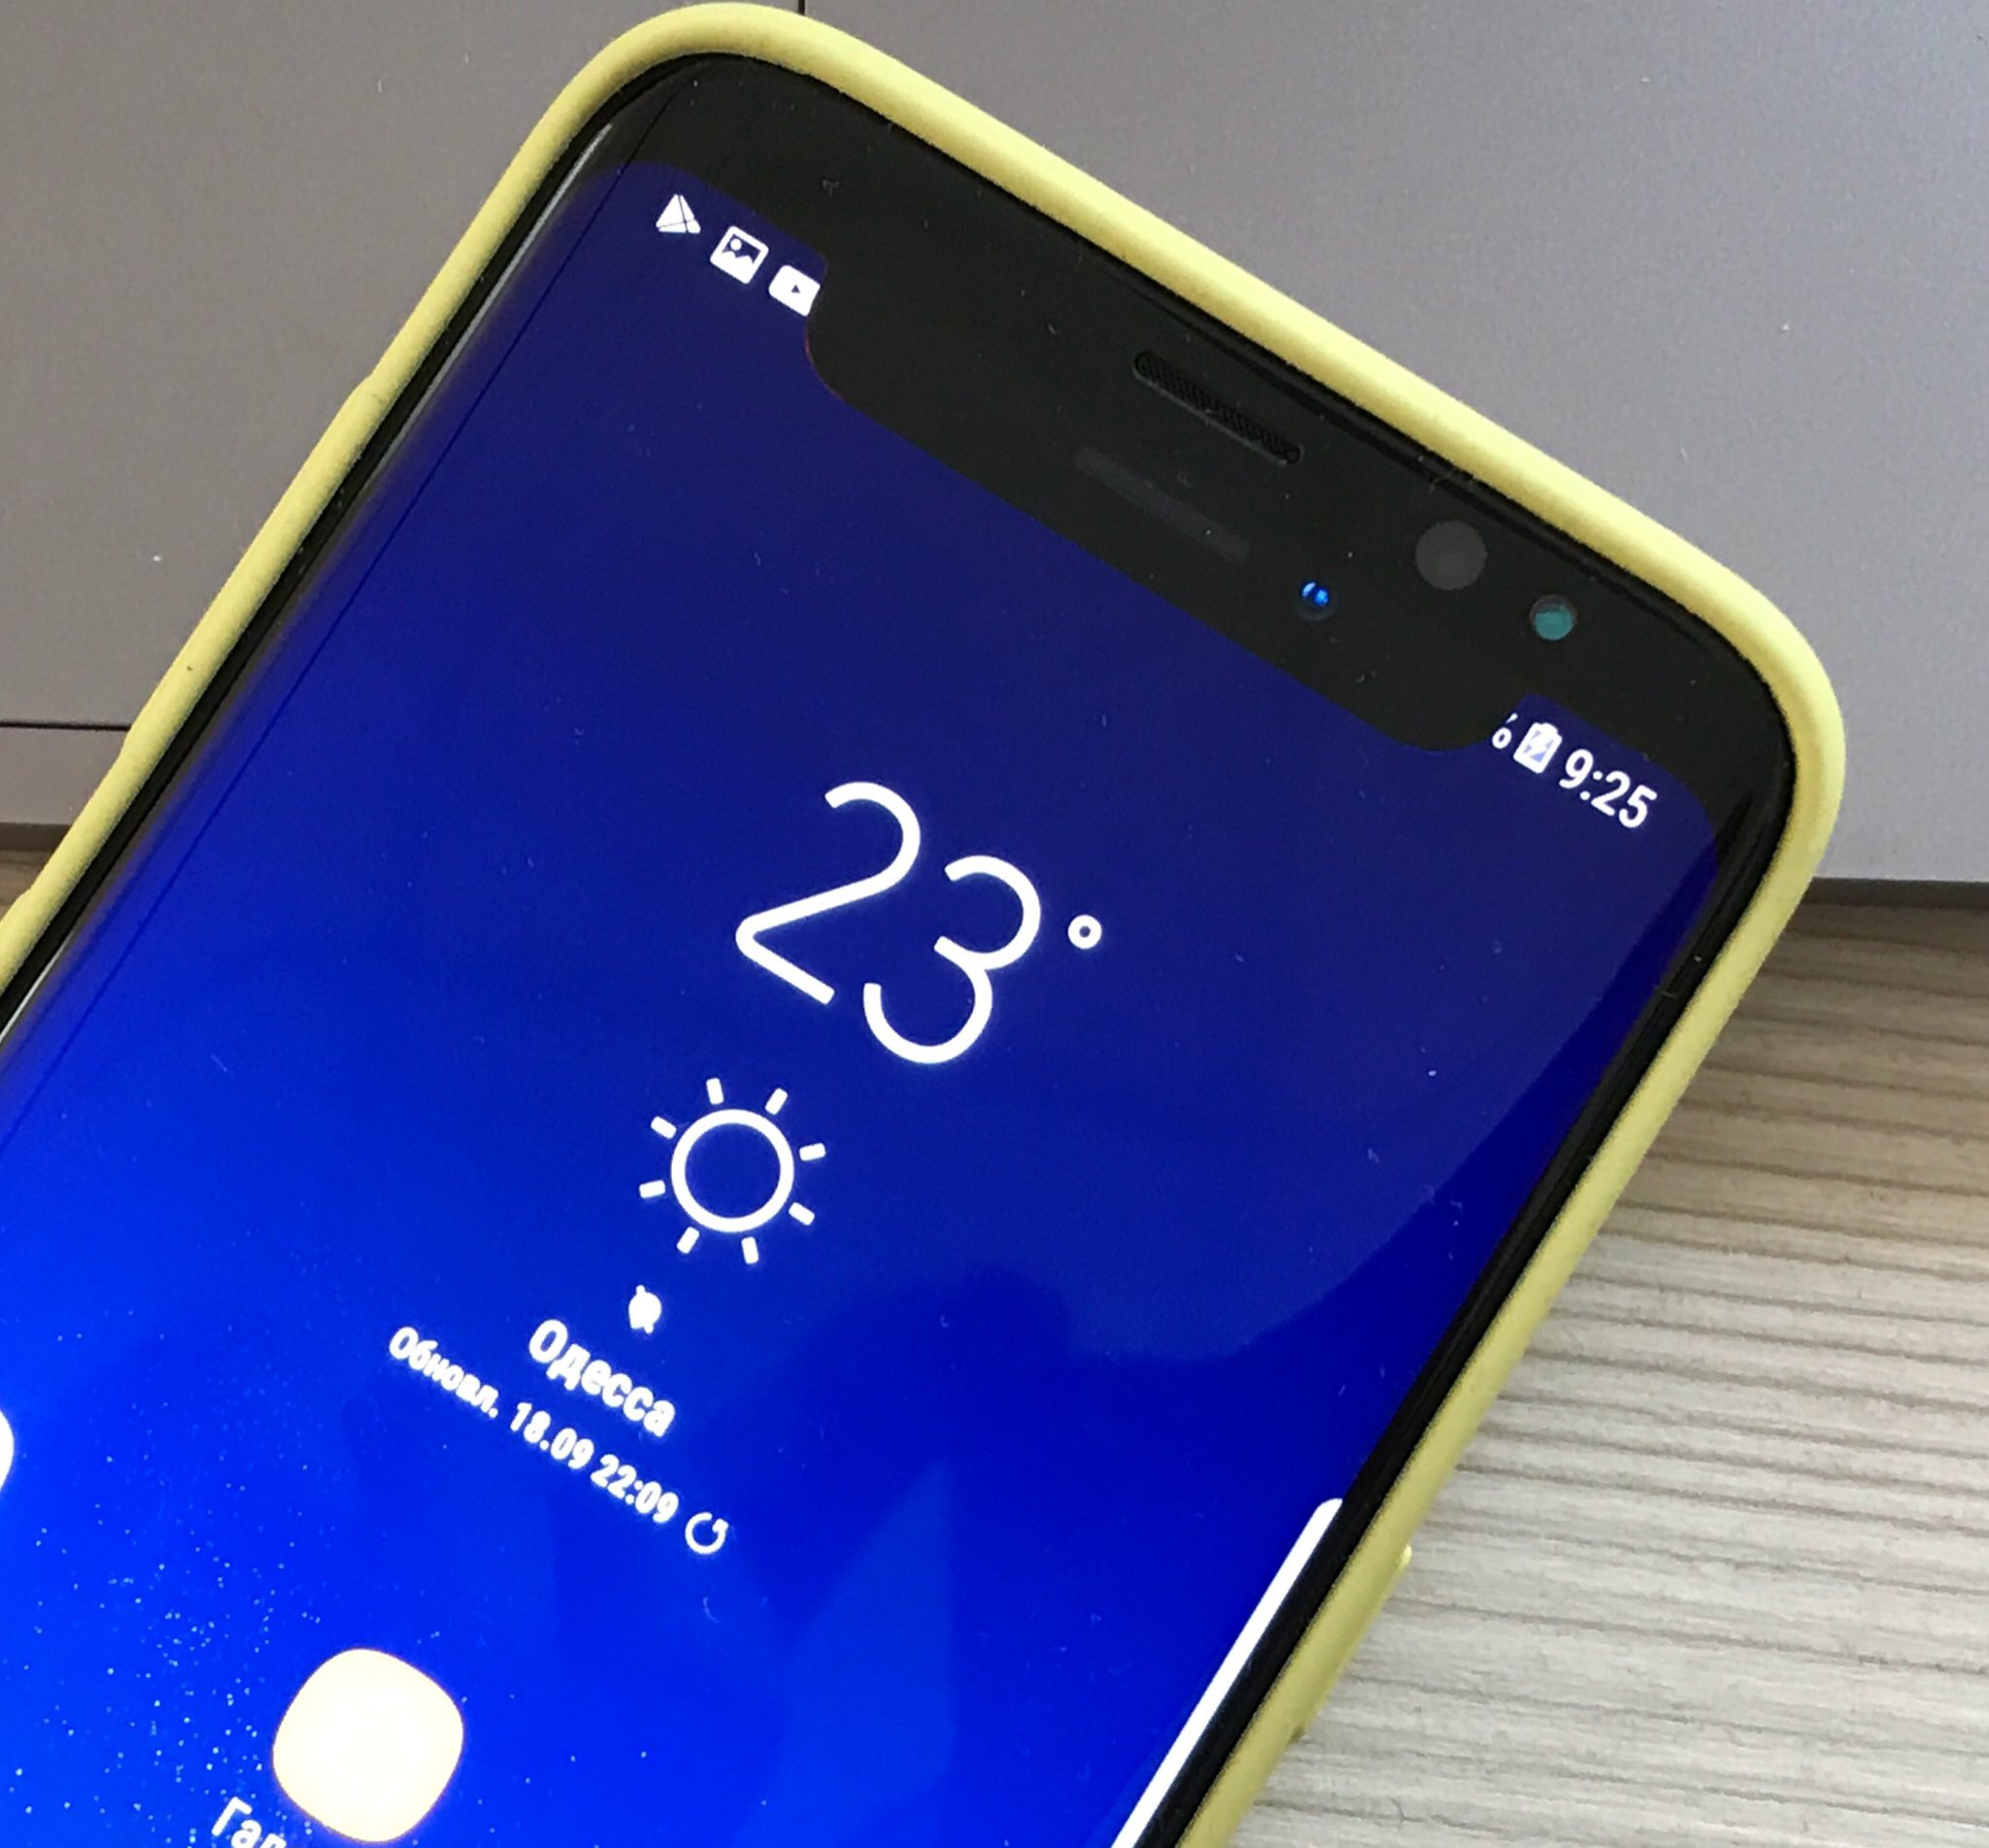 Сэкономь 9, установи «монобровь» от iPhone X на любой Android-смартфон